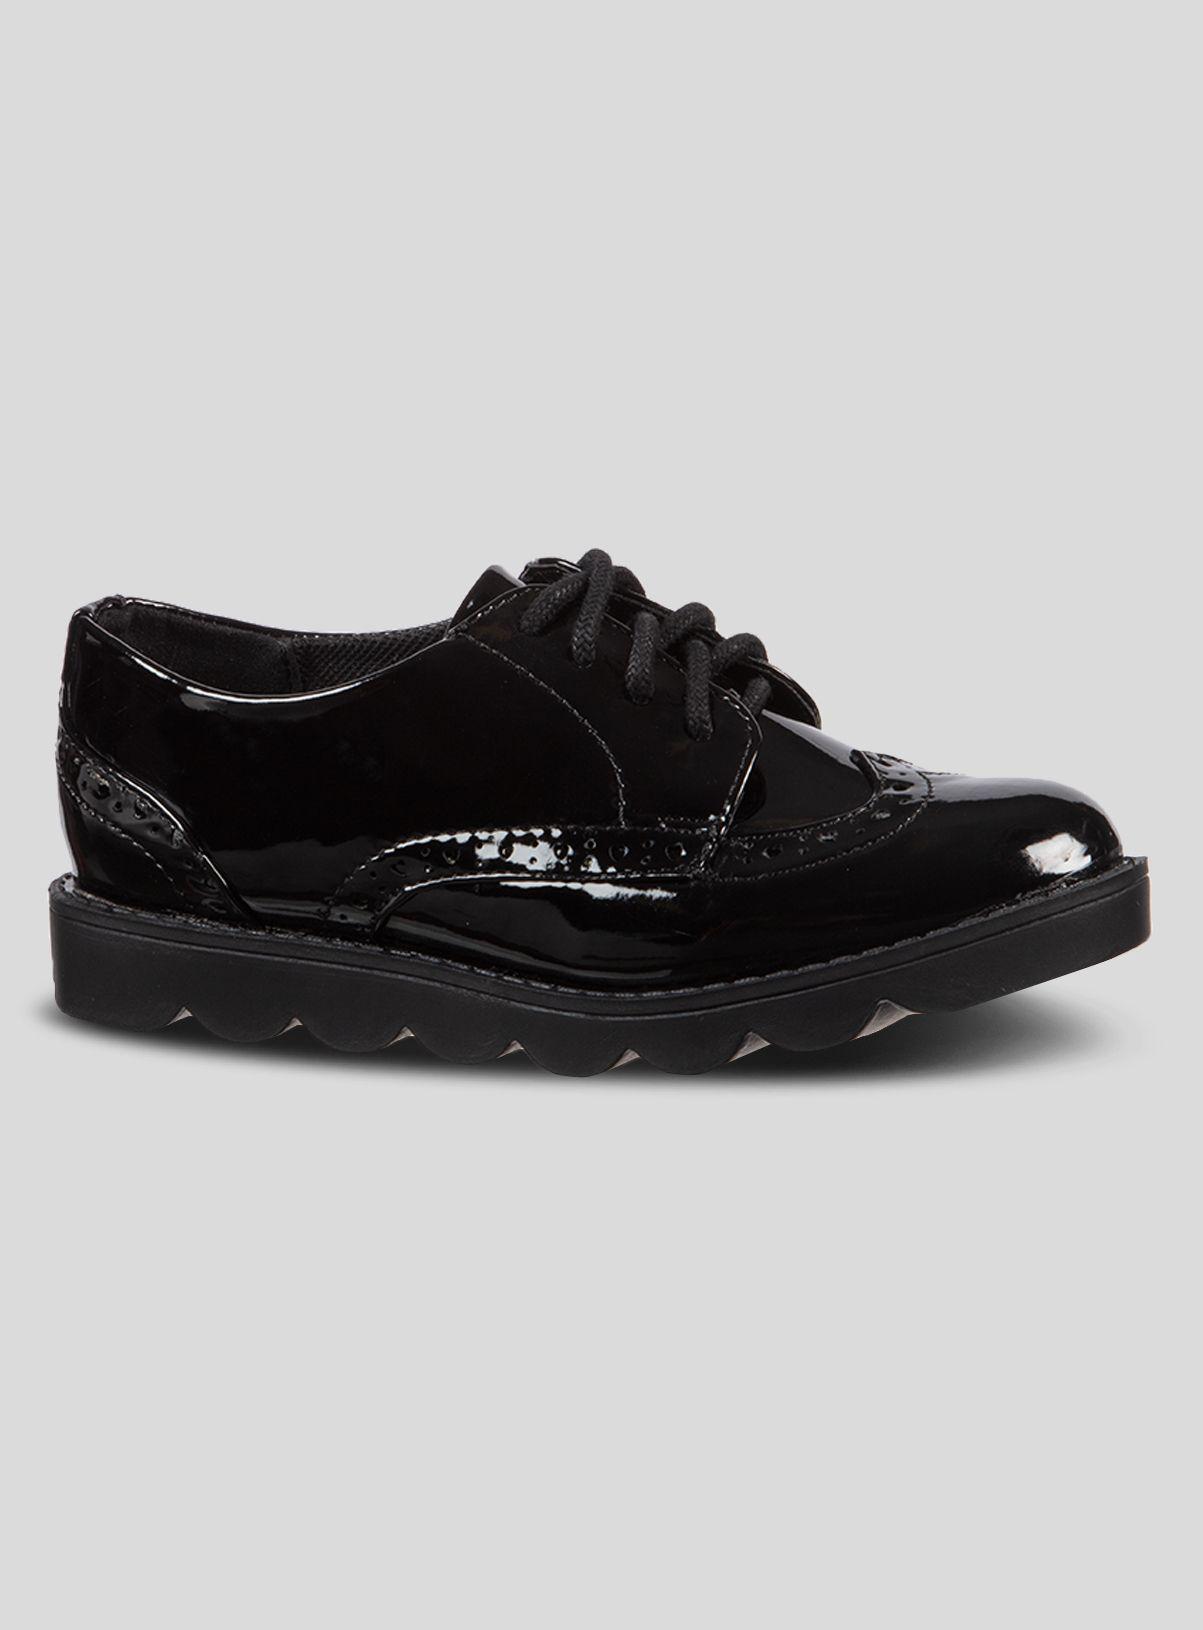 Black Bubble Sole Brogue School Shoes